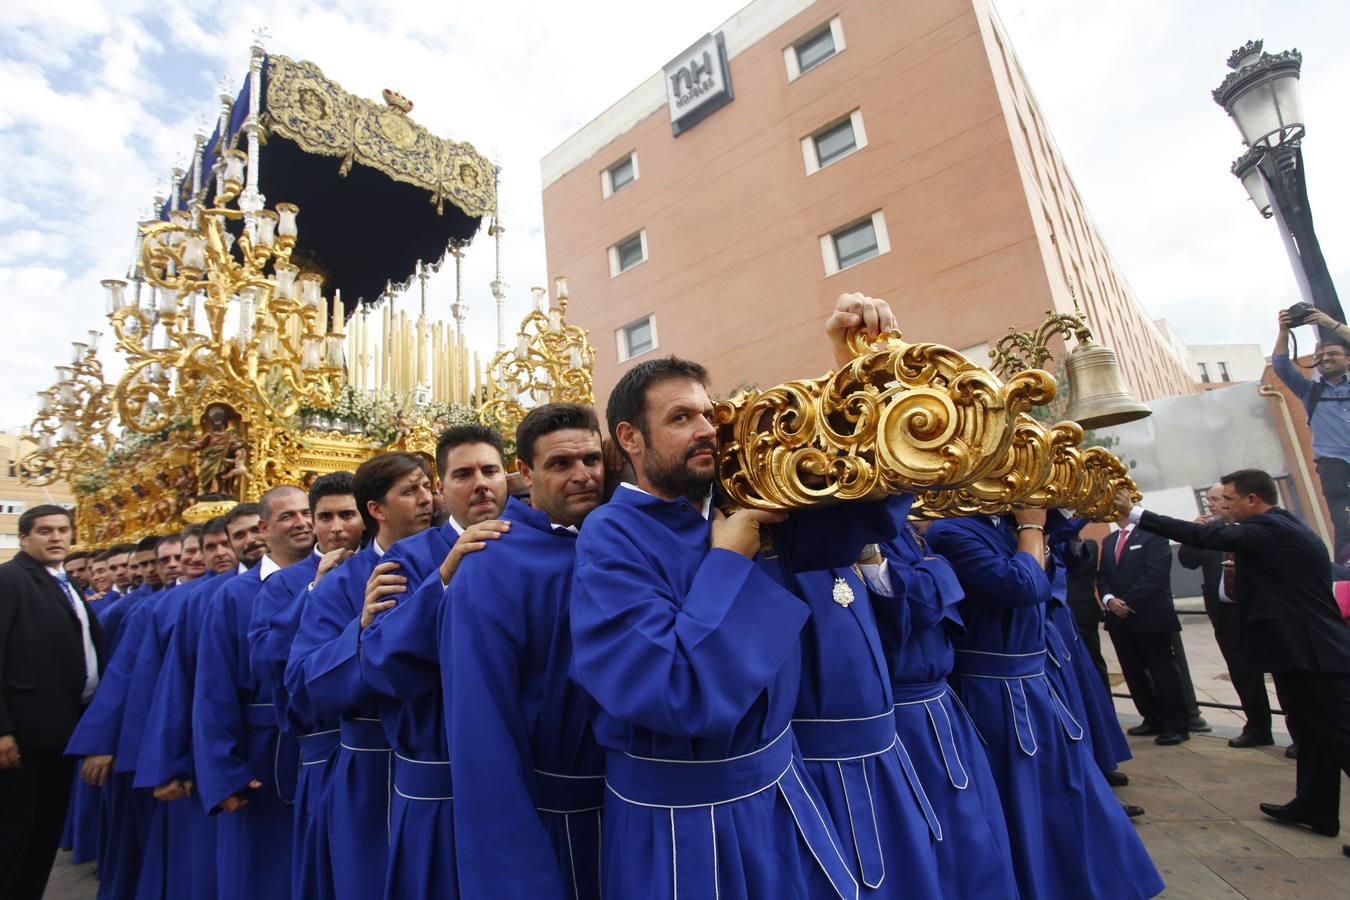 La Virgen de la Concepción procesionó en el Mater Dei